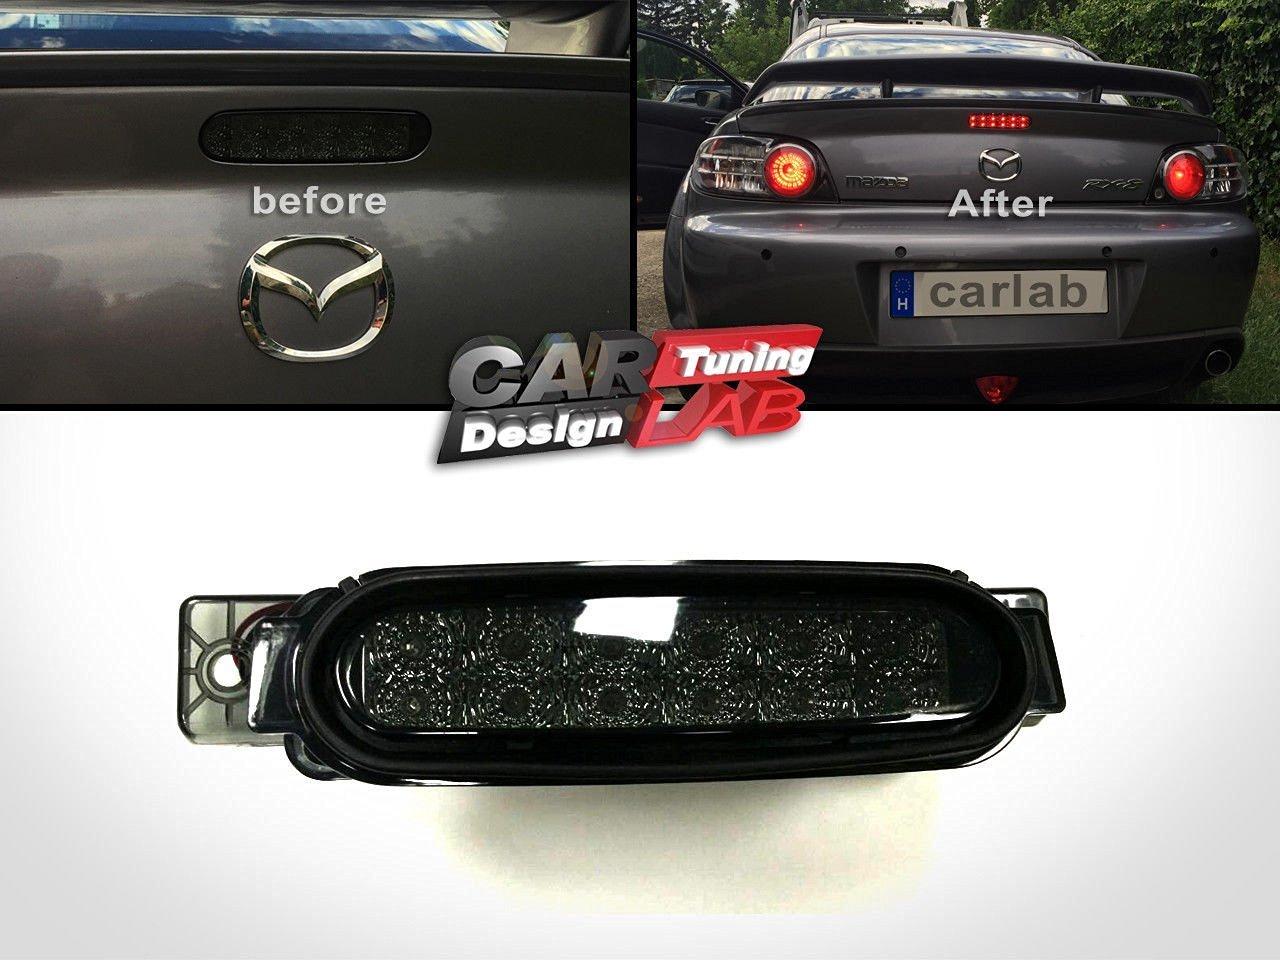 CarLab (1) para tercer freno, LED rojo, lente ahumada, bombilla para 04 -08 Mazda RX8 RX-8: Amazon.es: Coche y moto